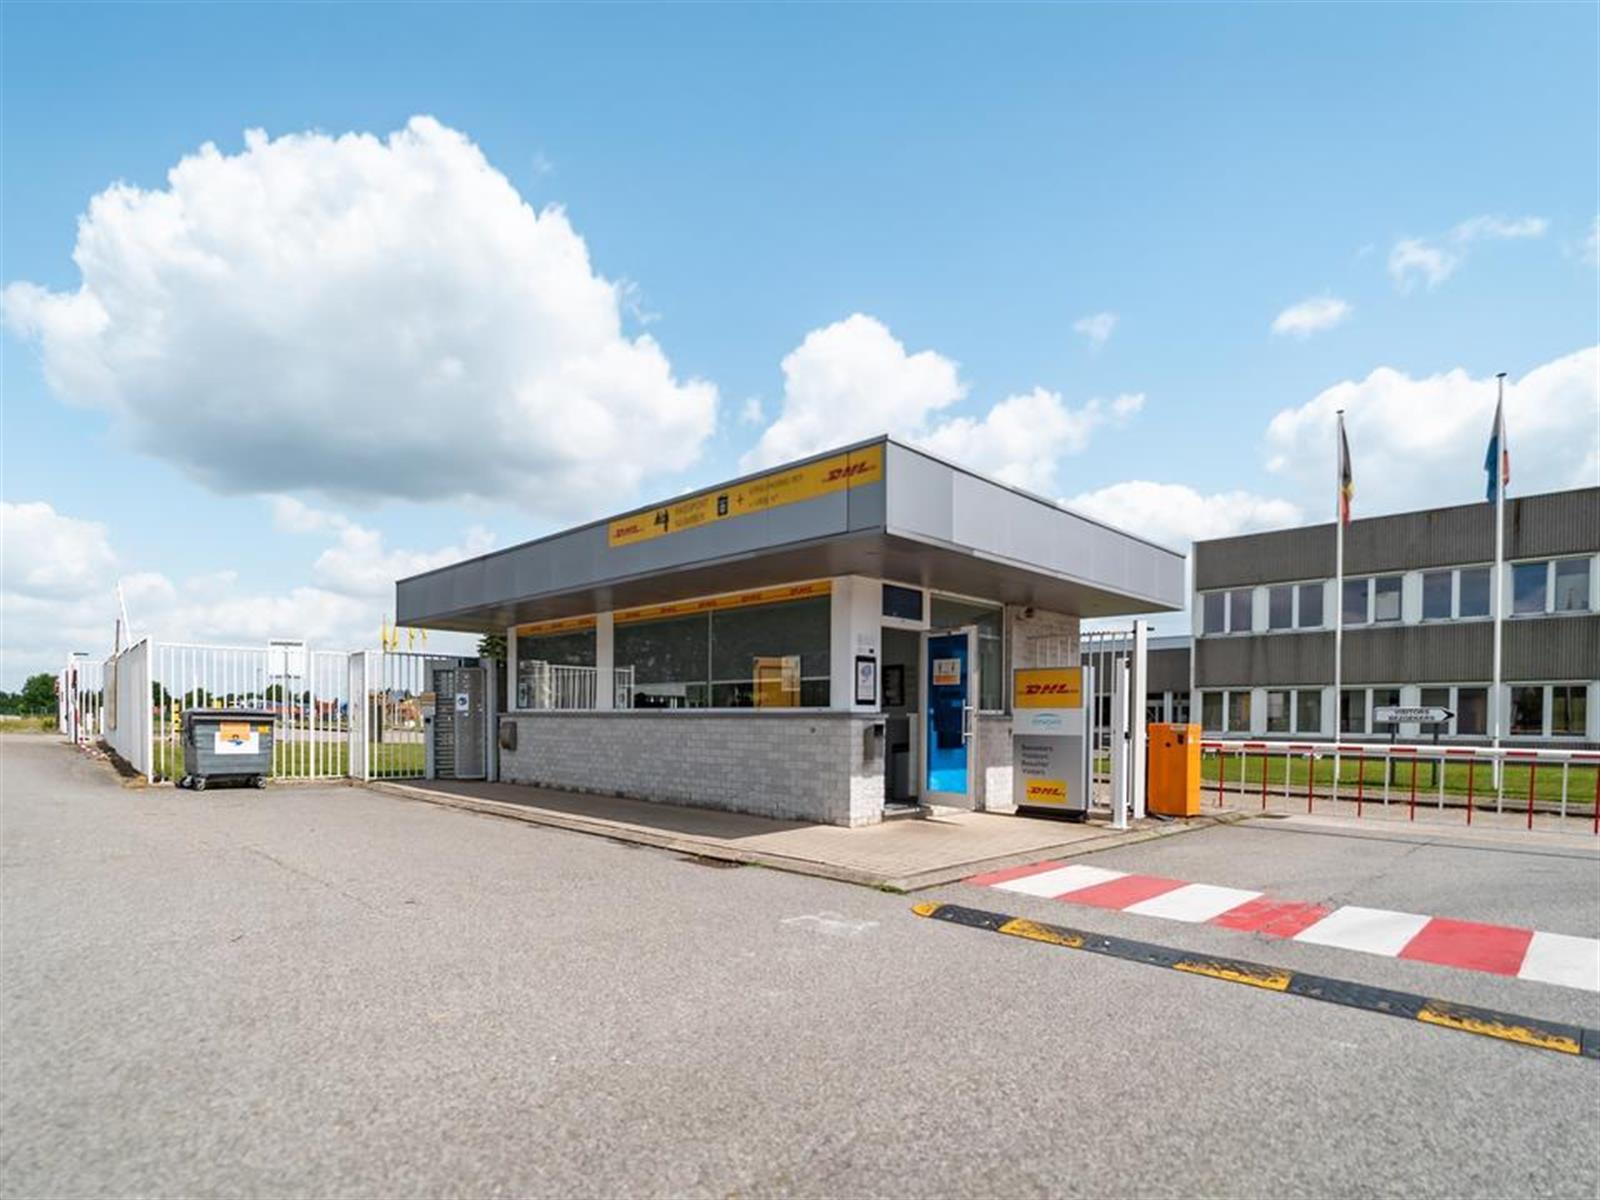 kantoren & magazijn te huur I157 - Satenrozen 11-13, 2550 Kontich, België 9